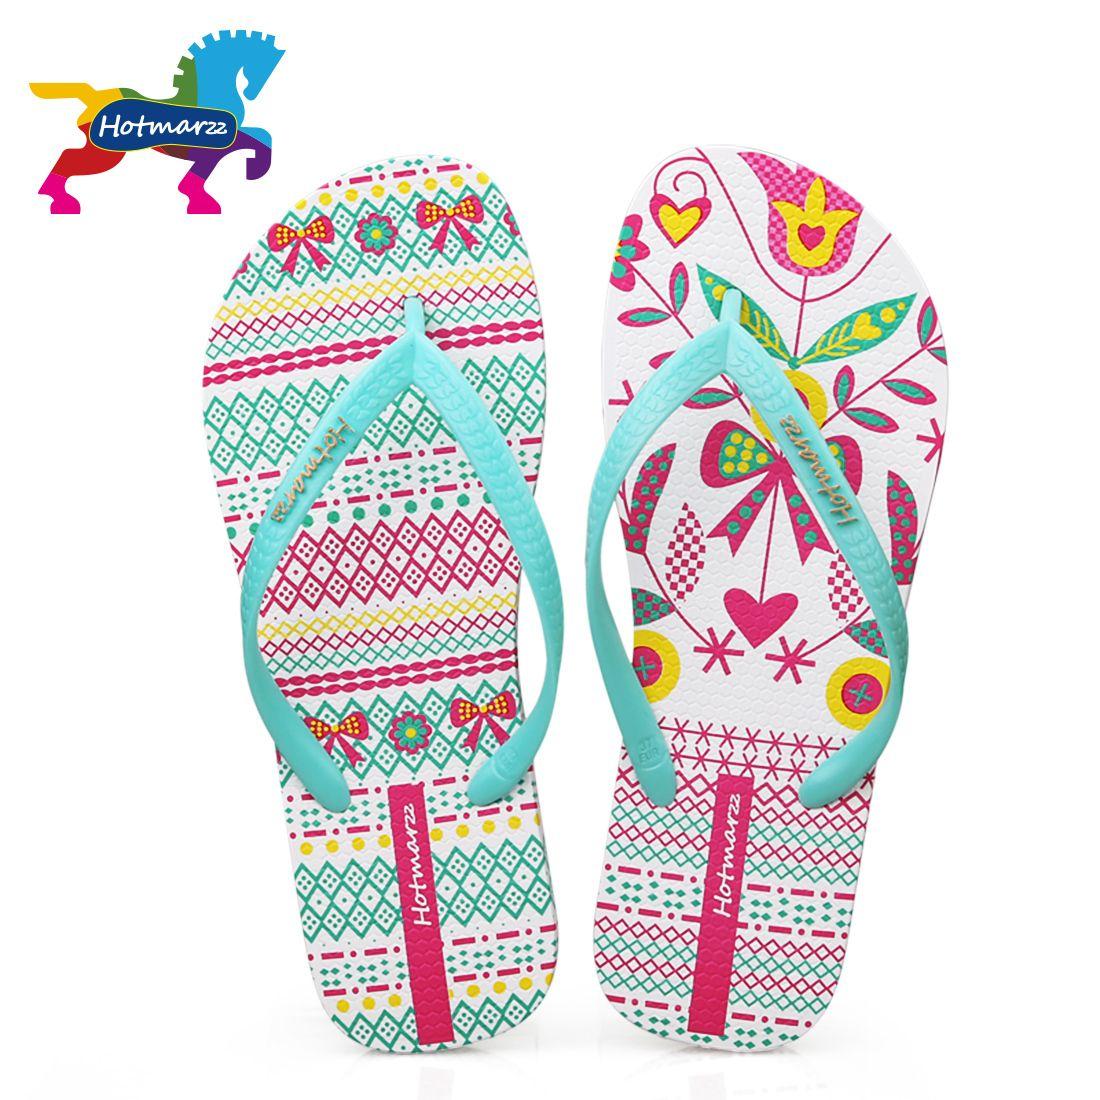 39e76e5023d7 Hotmarzz Women Comfy Unique Print Flat Flip Flops Ladies Home House Summer  Beach Slippers Thong Sandals Flip-flop Shoes